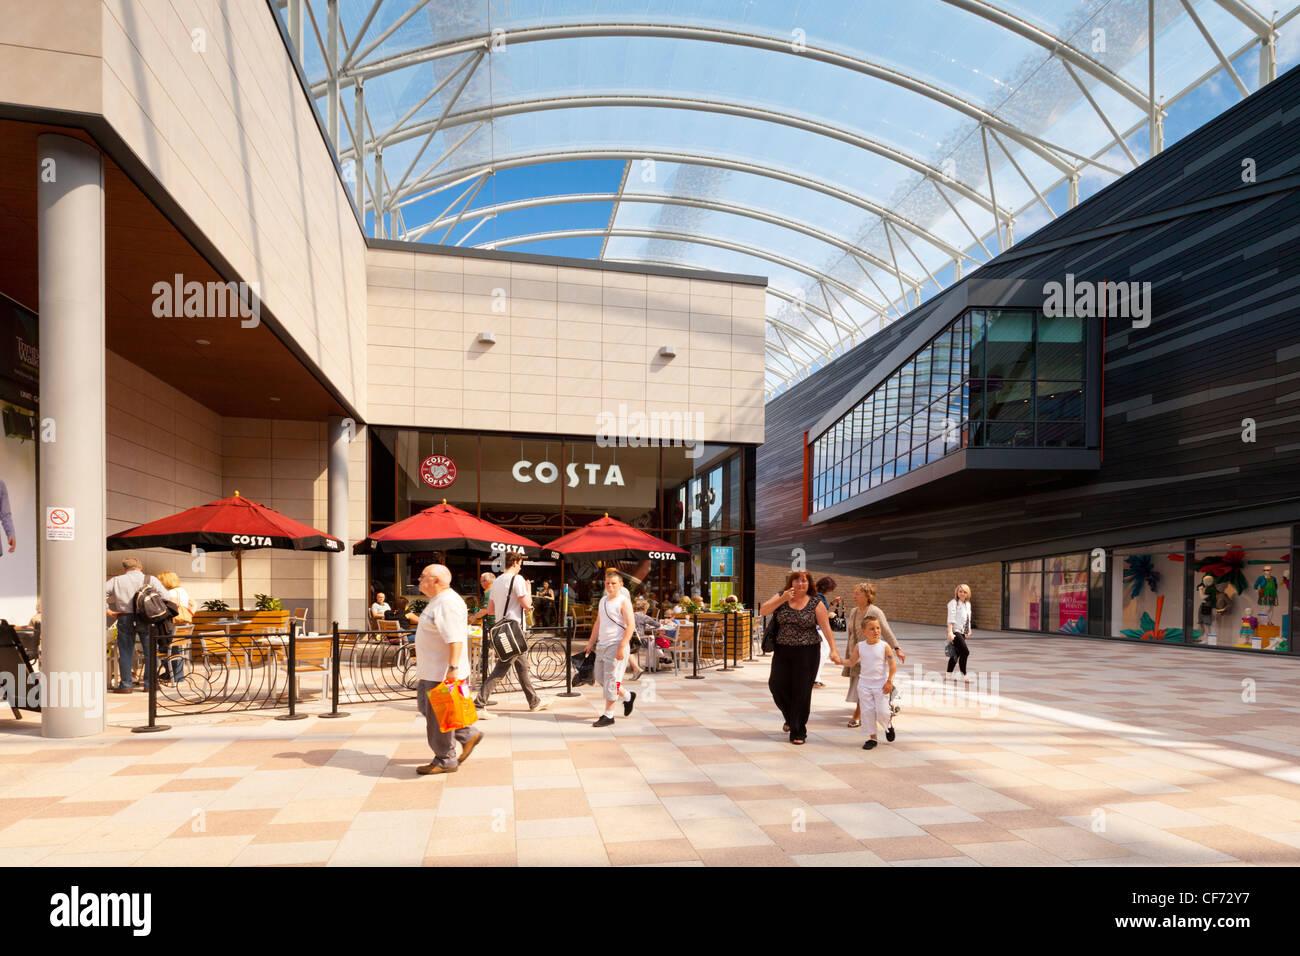 Les gens à pied par le café Costa, à Trinity à pied de Wakefield, nouveau centre commercial. Photo Stock